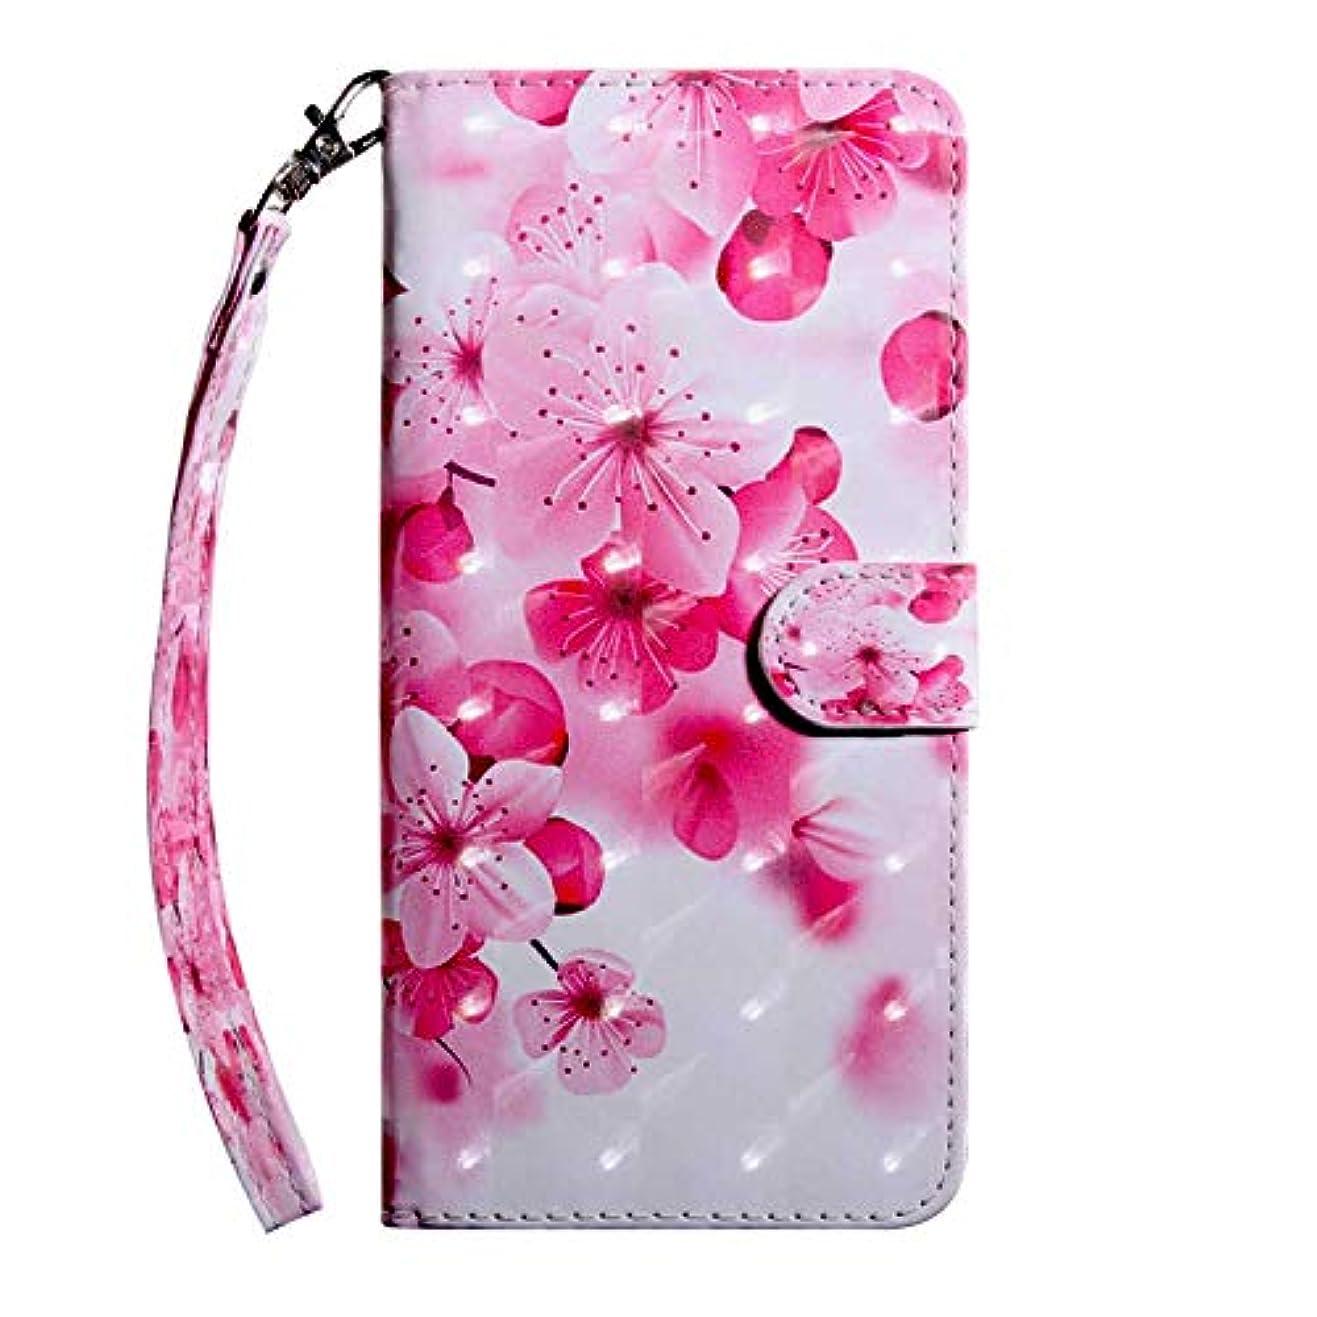 浸食反乱持続的CUSKING Sony Xperia XA2 ケース 手帳型 財布型カバー Sony Xperia XA2 スマホカバー 磁気バックル カード収納 スタンド機能 エクスペリア レザーケース –さくら